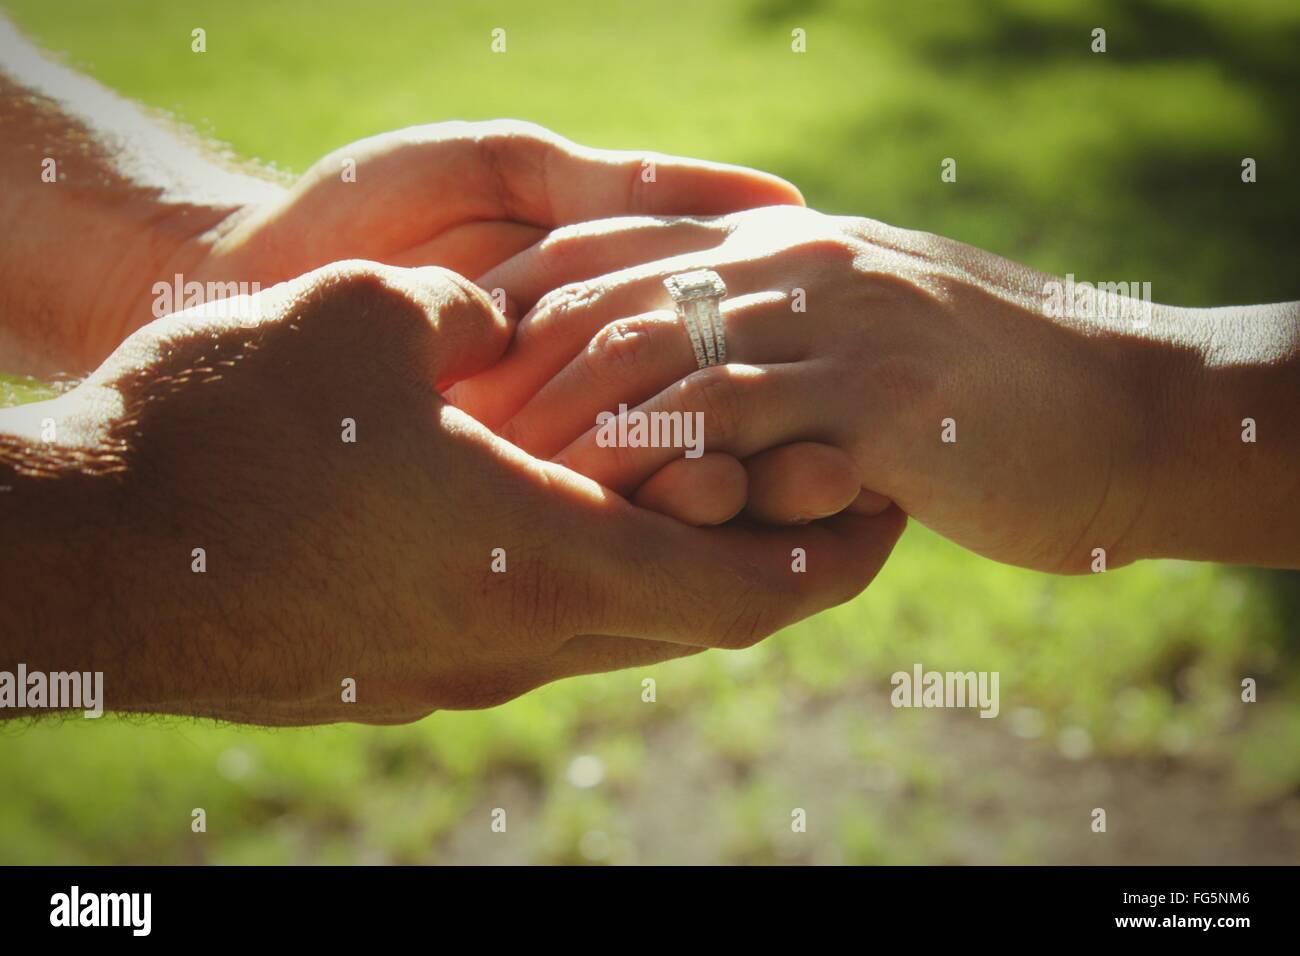 Bild von paar Hand in Hand abgeschnitten Stockfoto